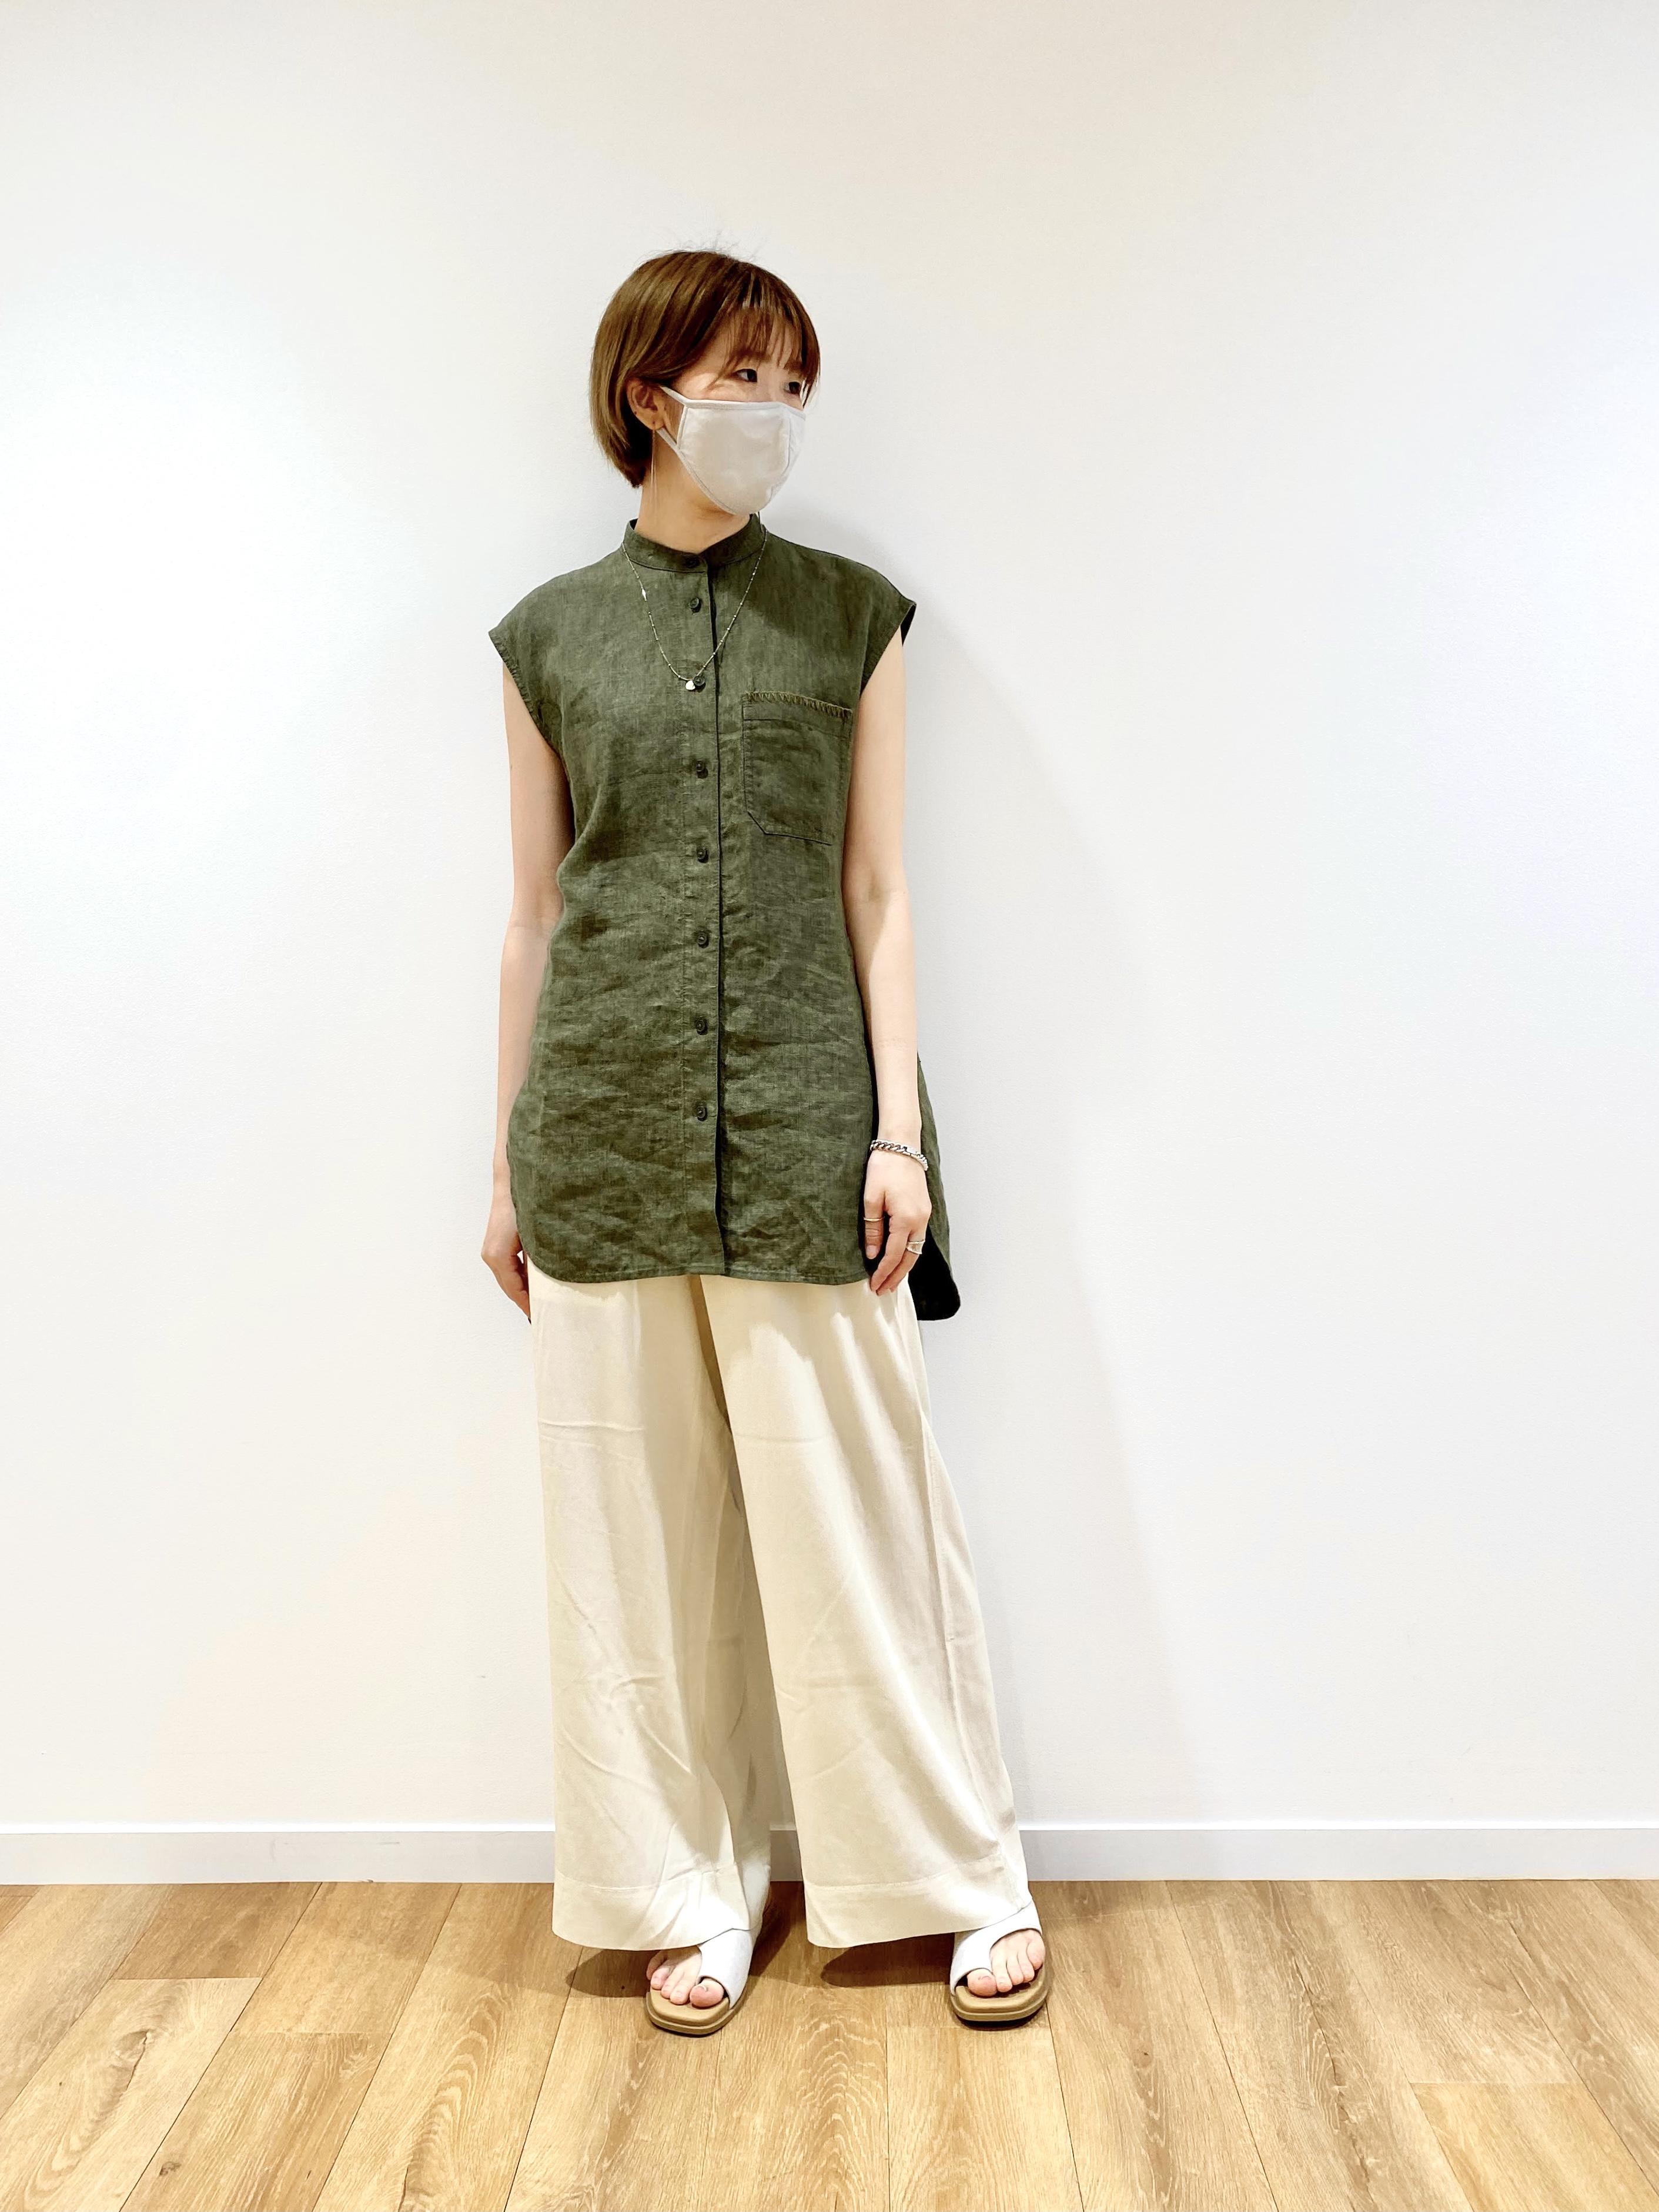 ユニクロ&JWアンダーソンのリネンスタンドカラーシャツとイージーワイドパンツのコーデ着用写真